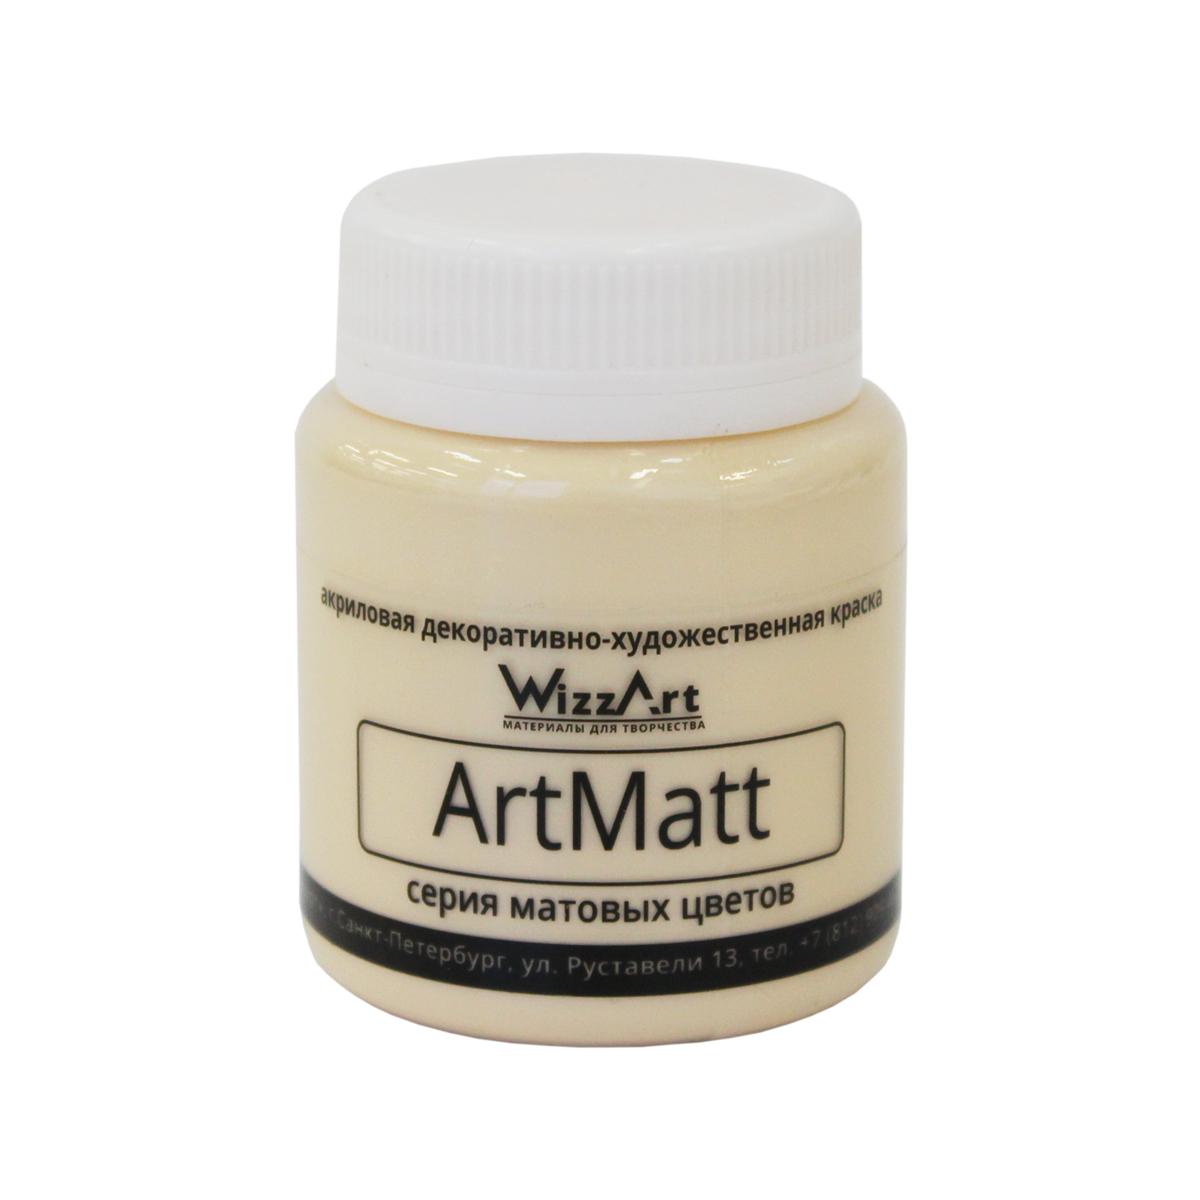 Краска акриловая WizzArt ArtMatt, цвет: телесный, 80 млFS-00103Серия декоративно-художественных красок ArtMatt от компании WizzArt после высыхания образует ровную матовую поверхность. Богатая палитра оттенков позволит художнику или рукодельнице с легкостью реализовать свою творческую идею. Чистые, глубокие и насыщенные оттенки акриловых красок серии ArtMatt обладают повышенной светостойкостью. Матовая акриловая краска смотрится очень интересно, а в сочетании с глянцевой краской можно создать необычные композиционные акценты в своем рисунке. Акриловые краски WizzArt нетоксичны, ровно ложатся, подходят практически для любой поверхности, а потому востребованы в огромном количестве различных направлений творчества. Ими можно не только писать картины, но и расписывать посуду и сувениры, декорировать украшения и элементы интерьера, использовать во флористике, декупаже, скрапбукинге. Краски от компании WizzArt имеют высокое качество при вполне доступной цене, что делает их одной из наиболее привлекательных позиций в магазинах товаров для творчества.Перед использованием необходимо перемешать.Объем: 80 мл.Товар сертифицирован.